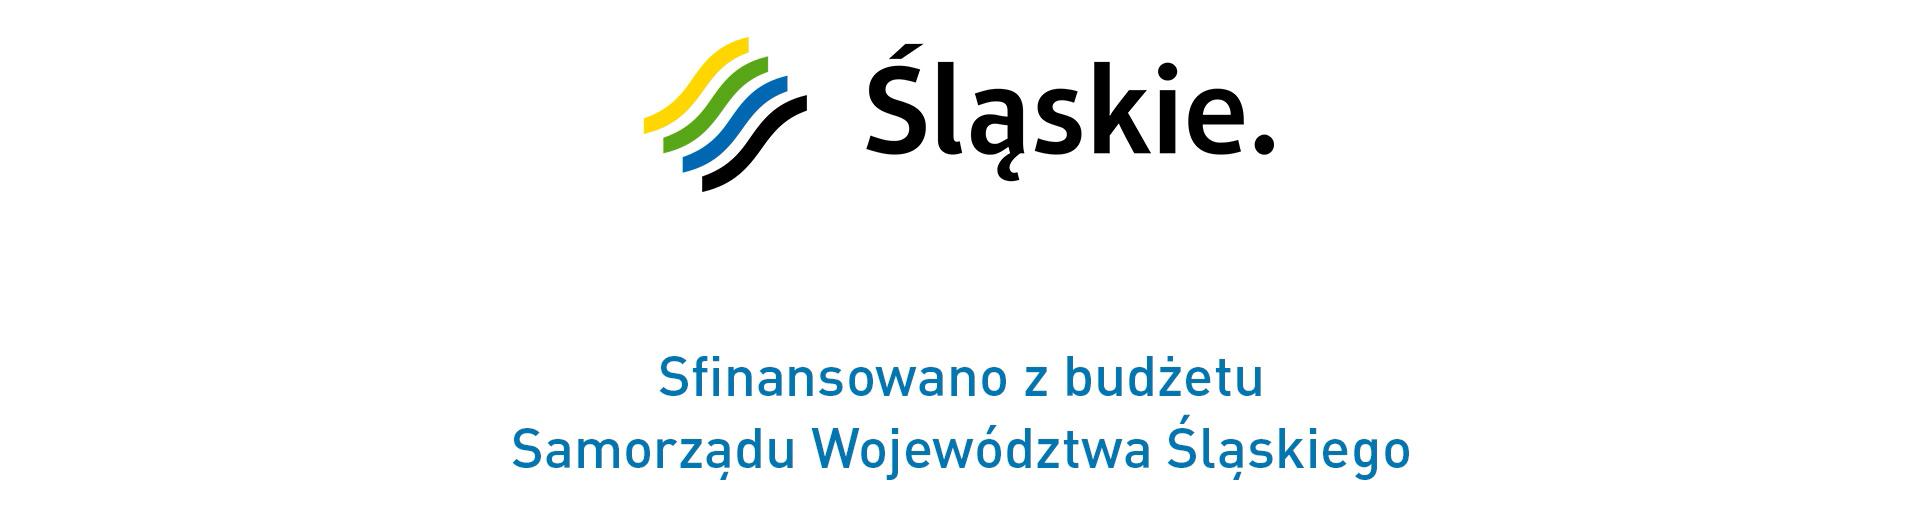 Stres (fot. Urząd Marszałkowski Województwa Śląskiego)